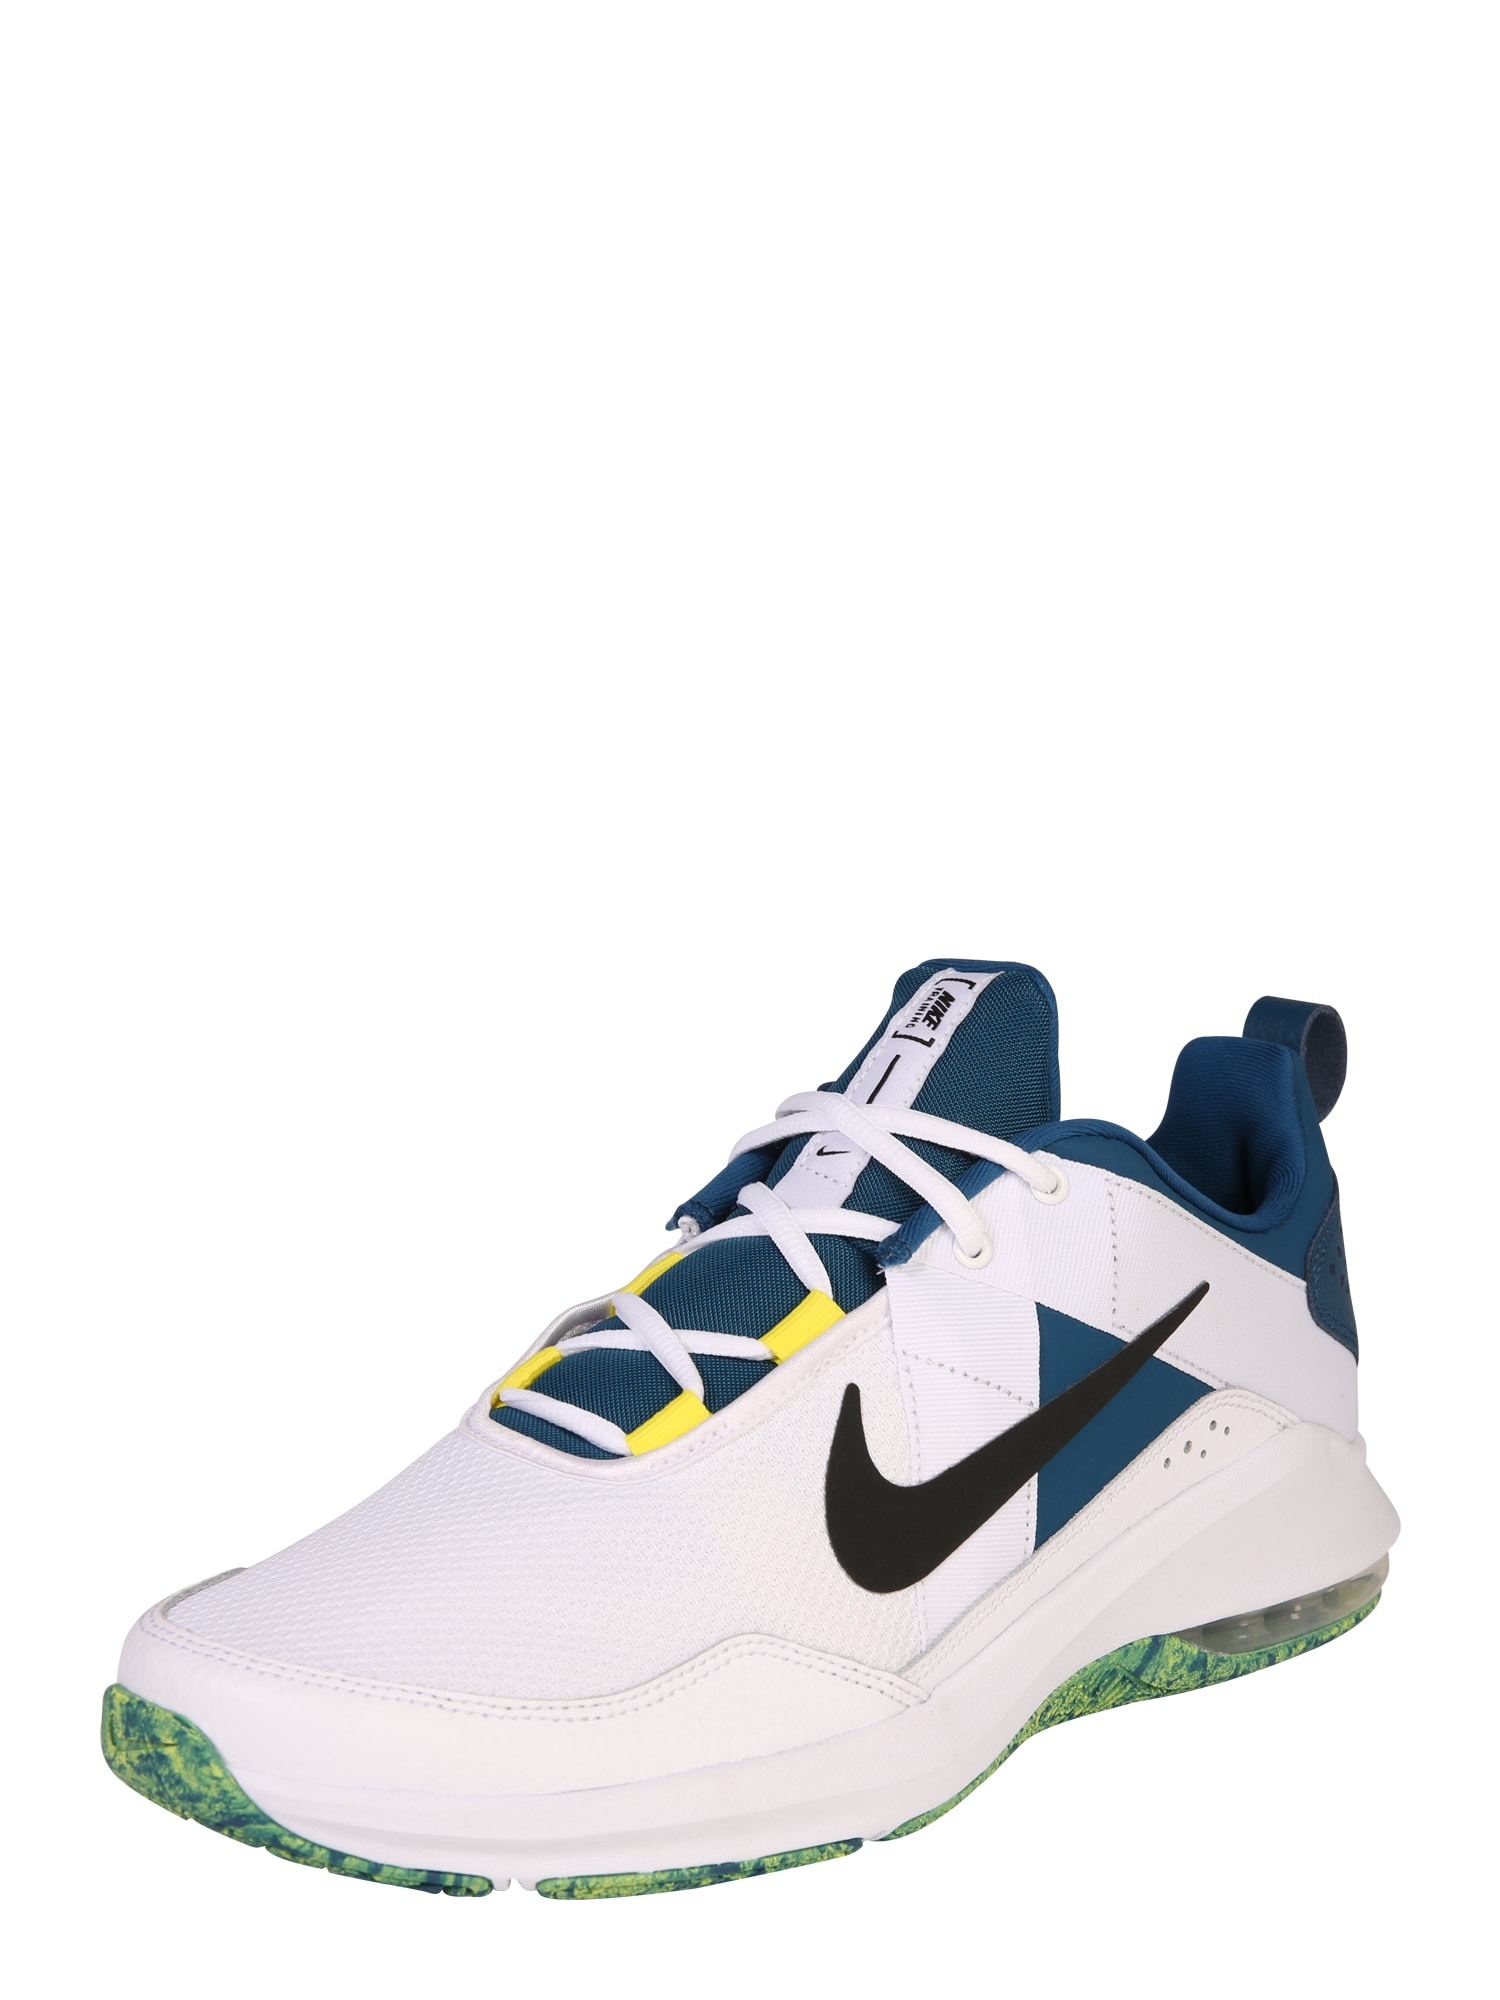 Sportovní boty modrá bílá NIKE